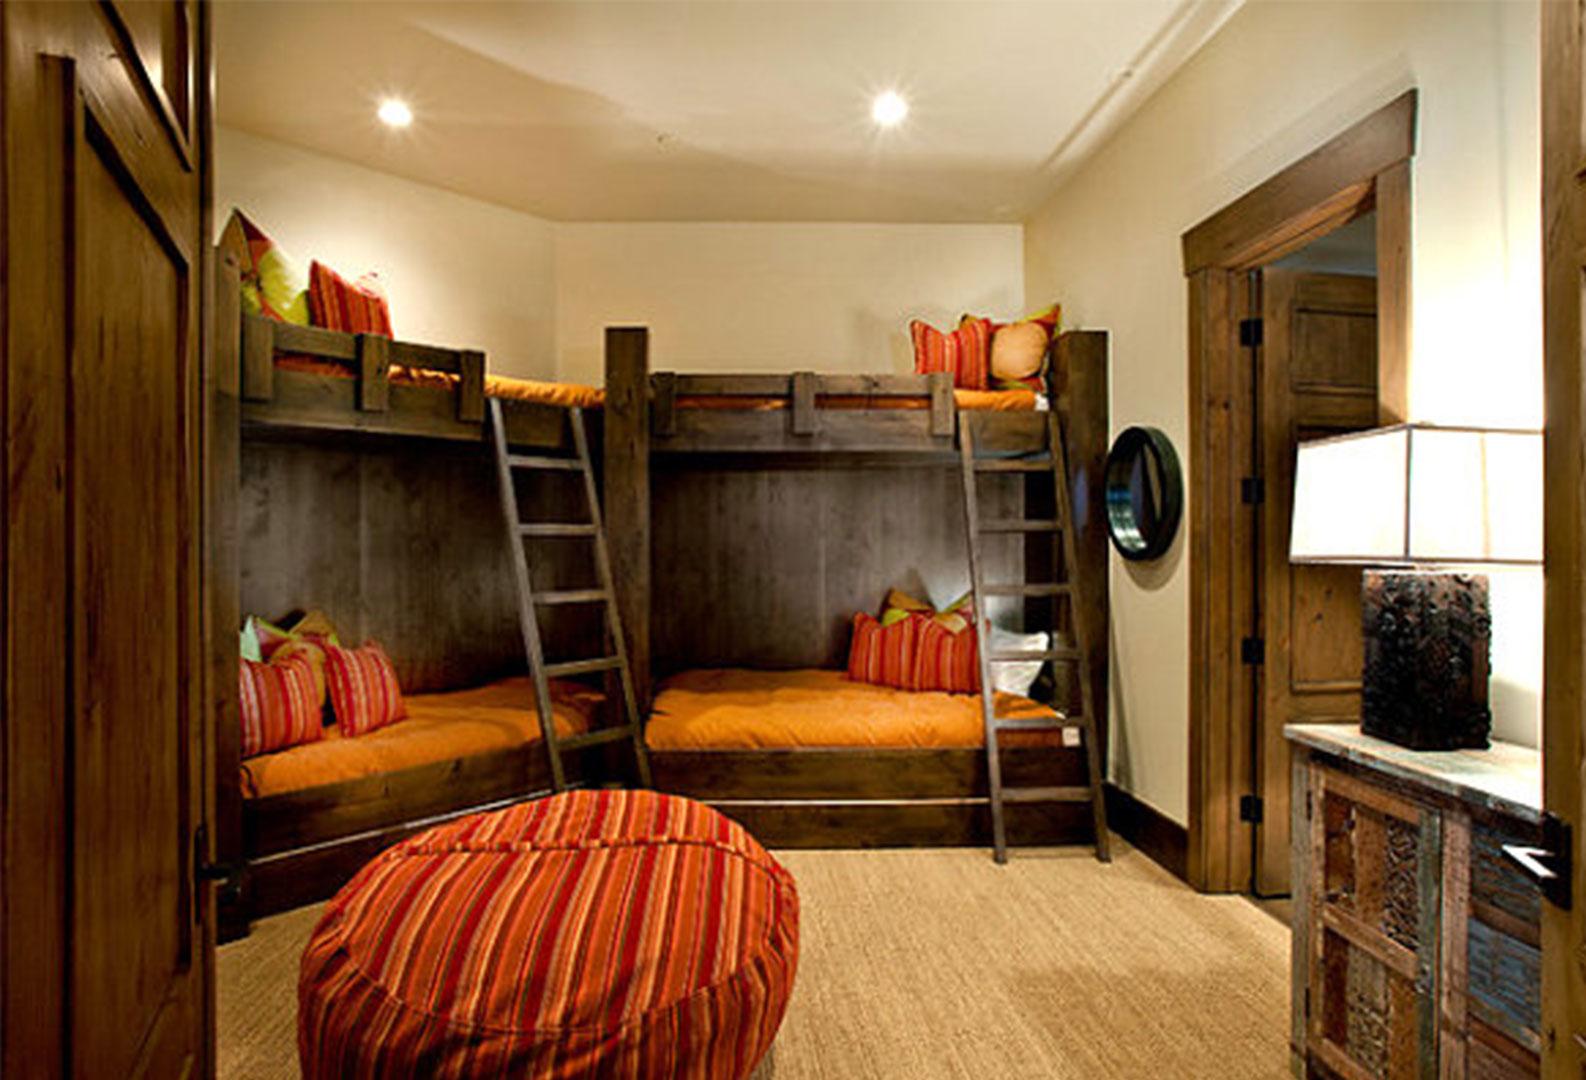 Home Decorating Ideas Bedroom - Design On Vine on Vine Decor Ideas  id=90597